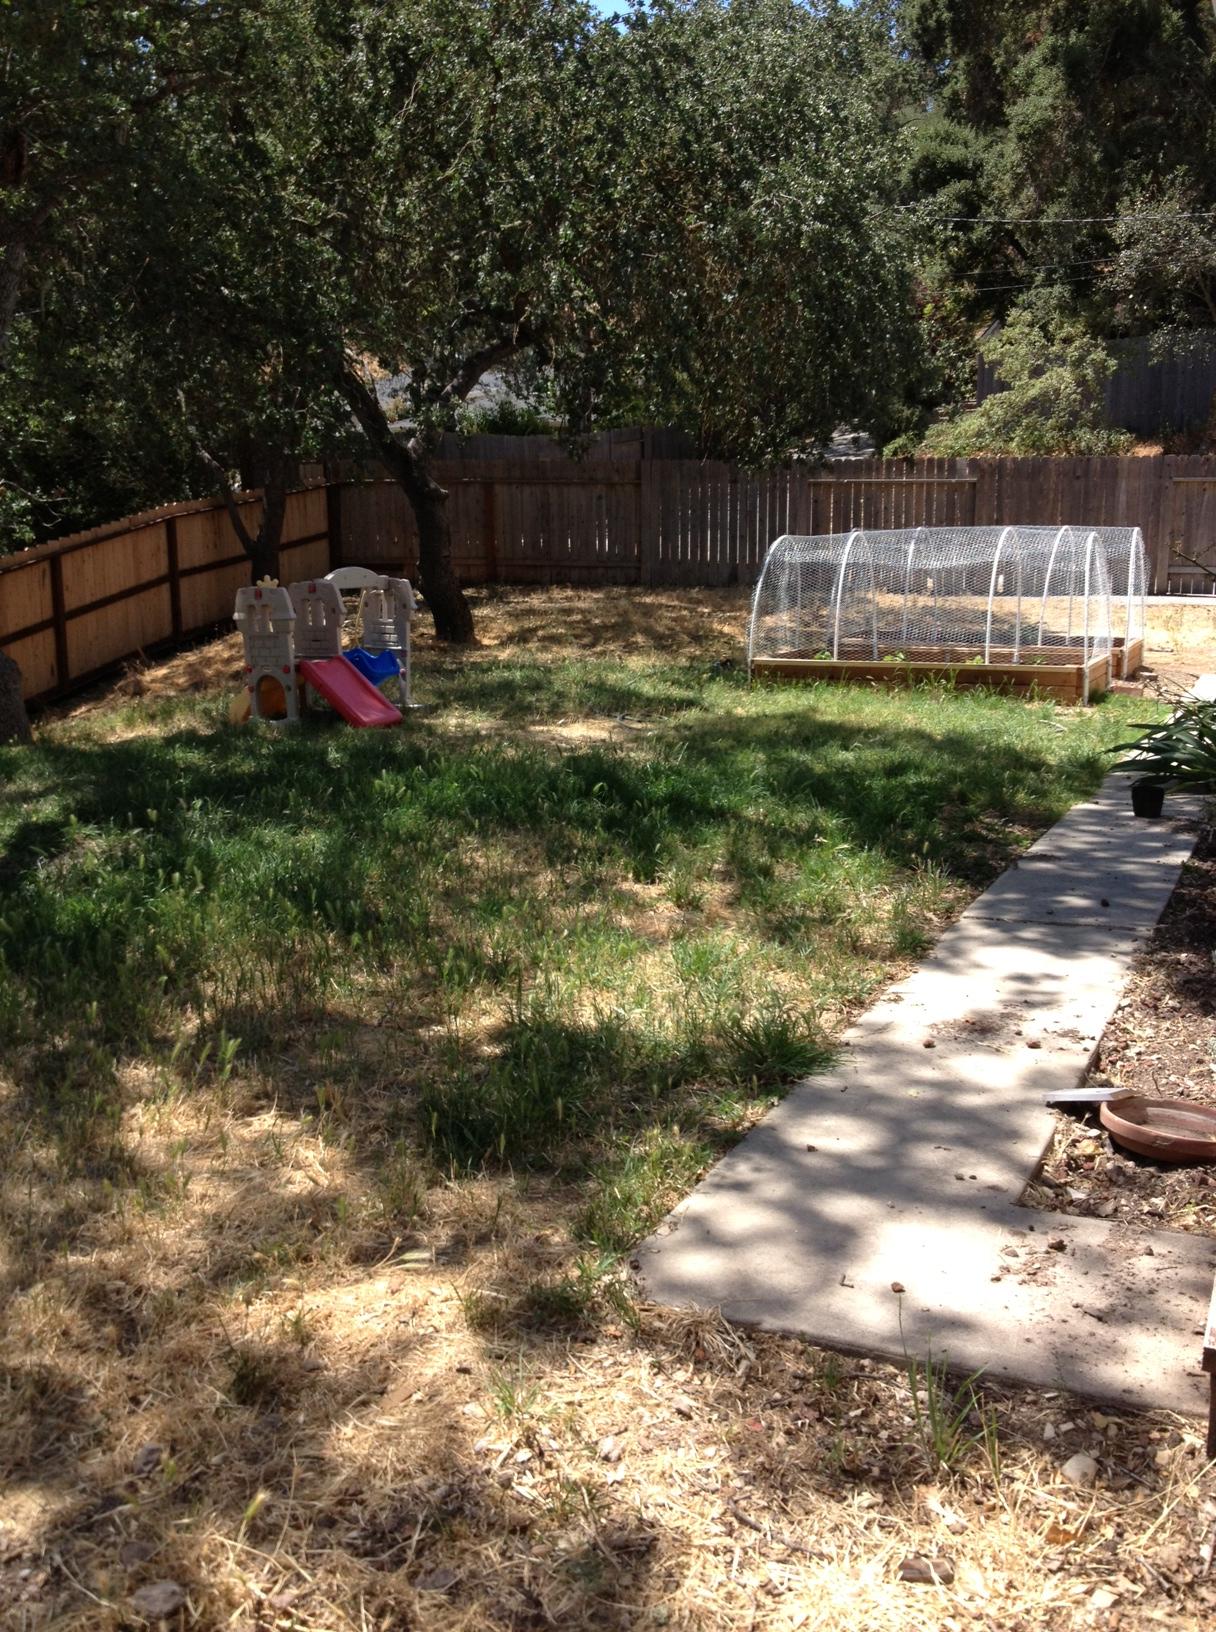 Valle Kid Side of yard